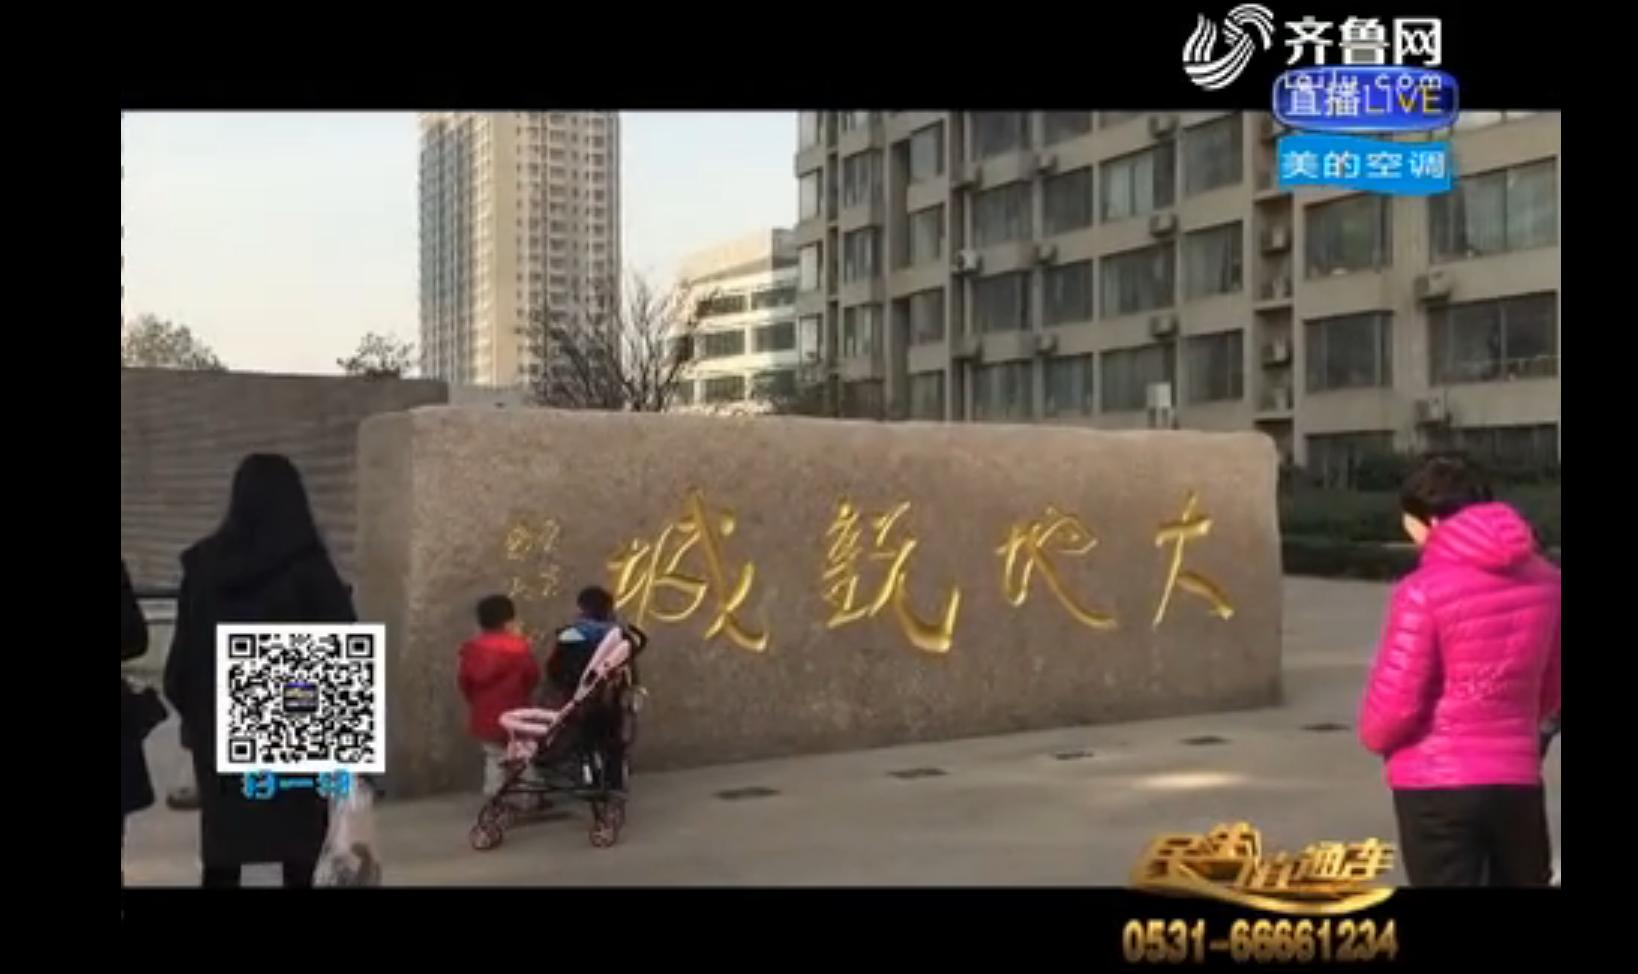 济南:地下停车位竟被改成商铺出租